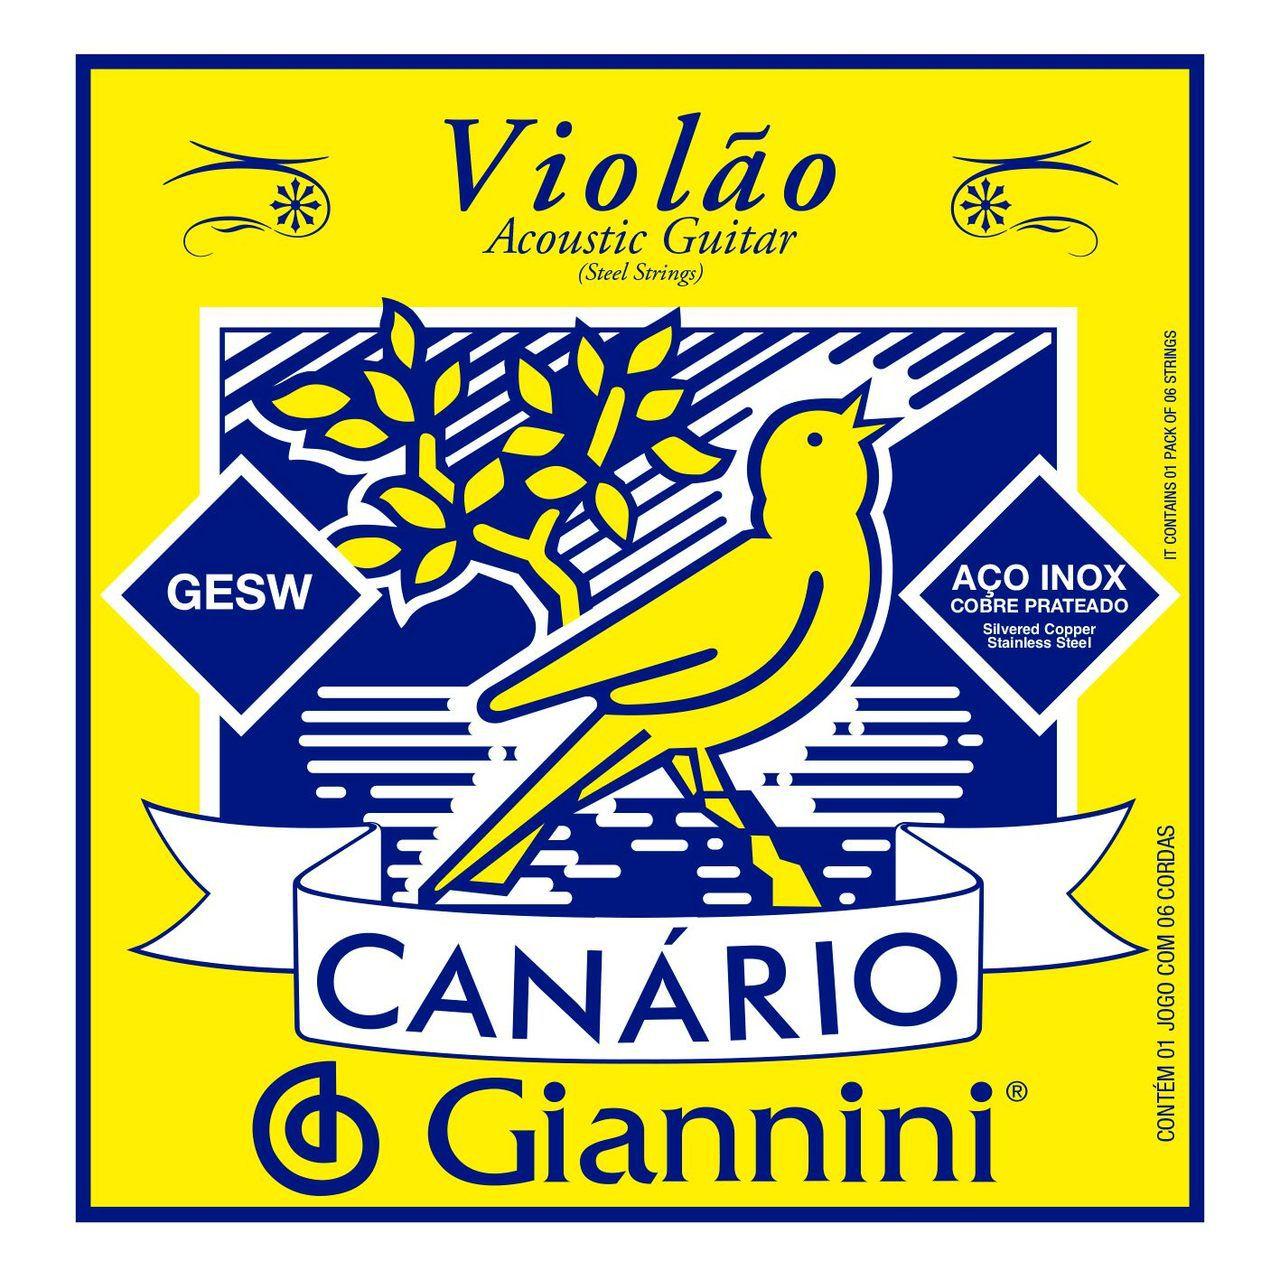 Encordoamento p/Violão Aço Giannini  Canário c/Chenilha - GESW